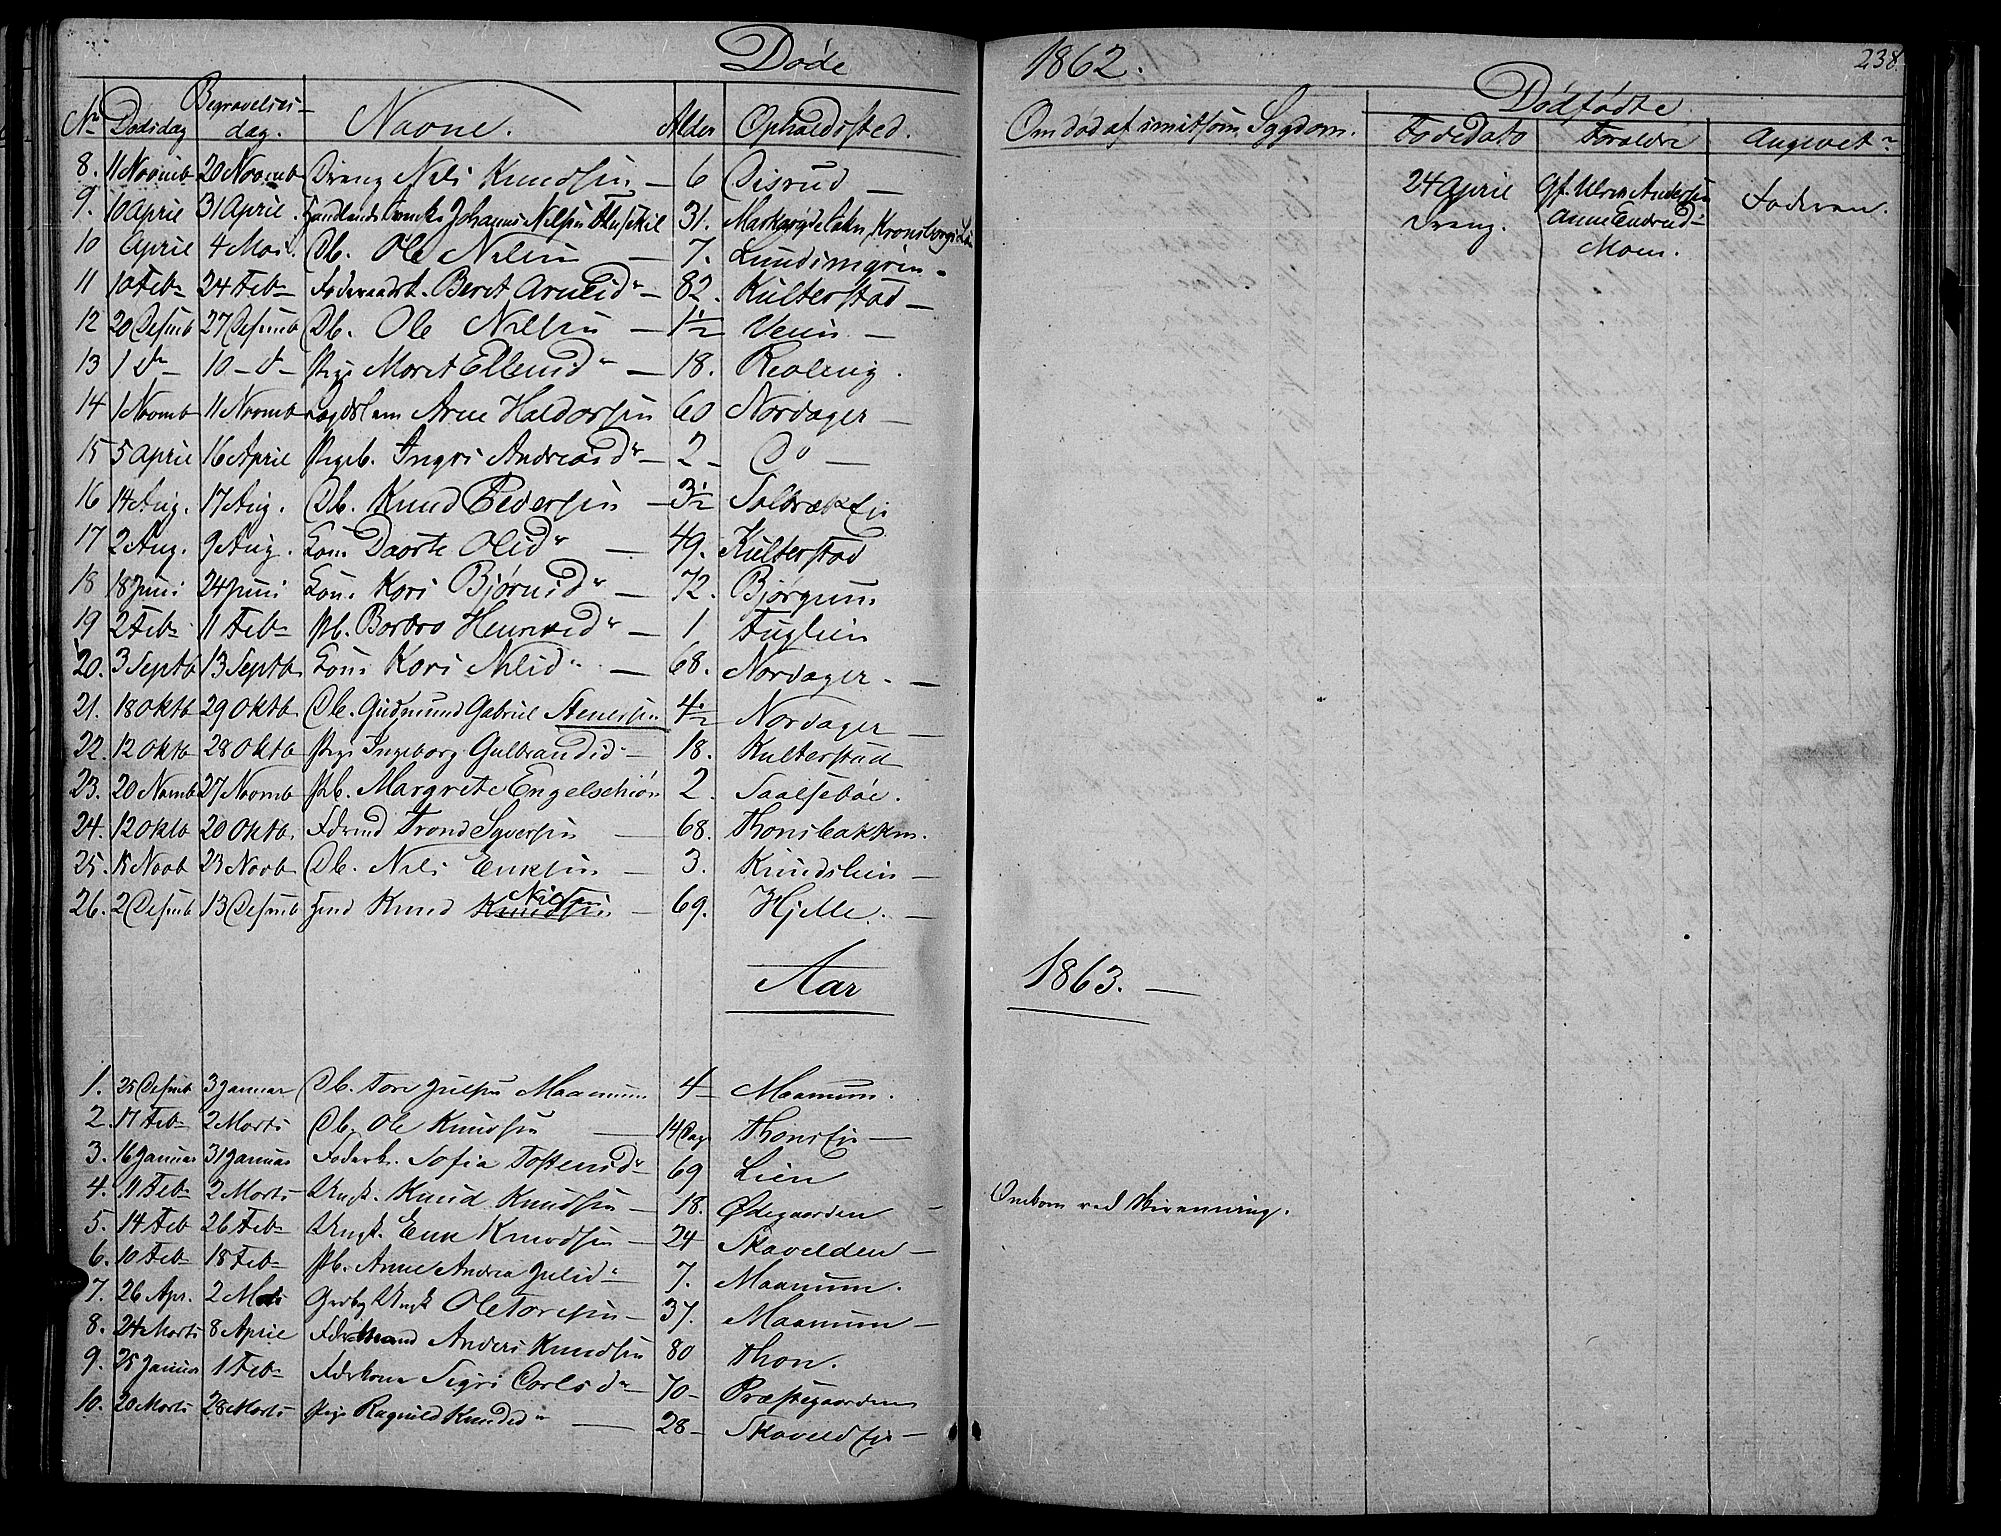 SAH, Nord-Aurdal prestekontor, Klokkerbok nr. 2, 1842-1877, s. 238